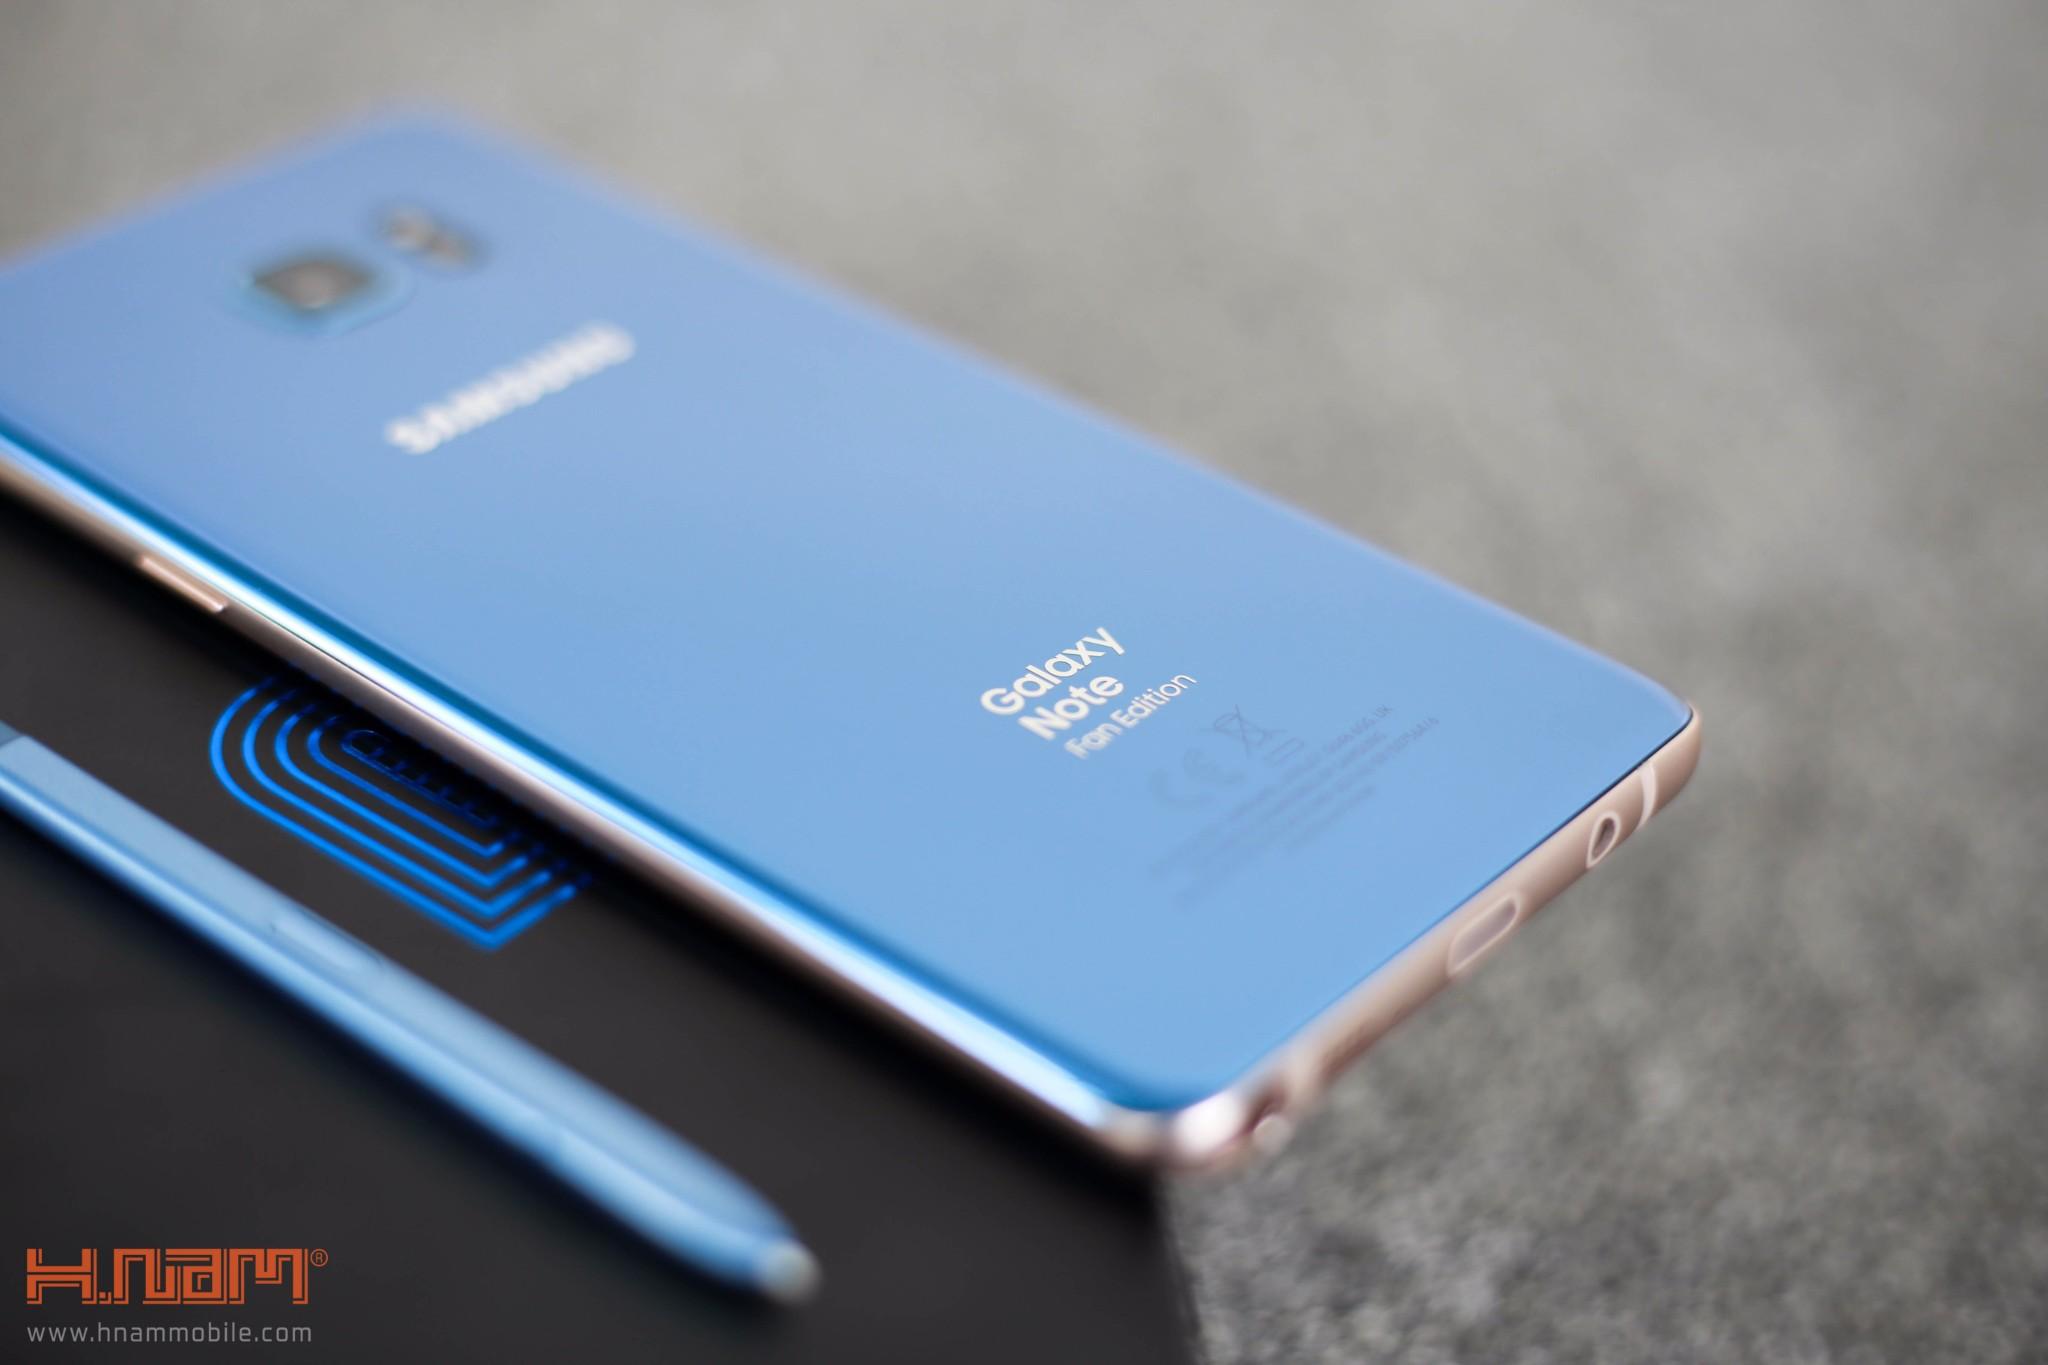 Galaxy Note FE: Chiếc điện thoại không chỉ dành cho Fan nó tốt hơn nhiều so với 6.3 triệu